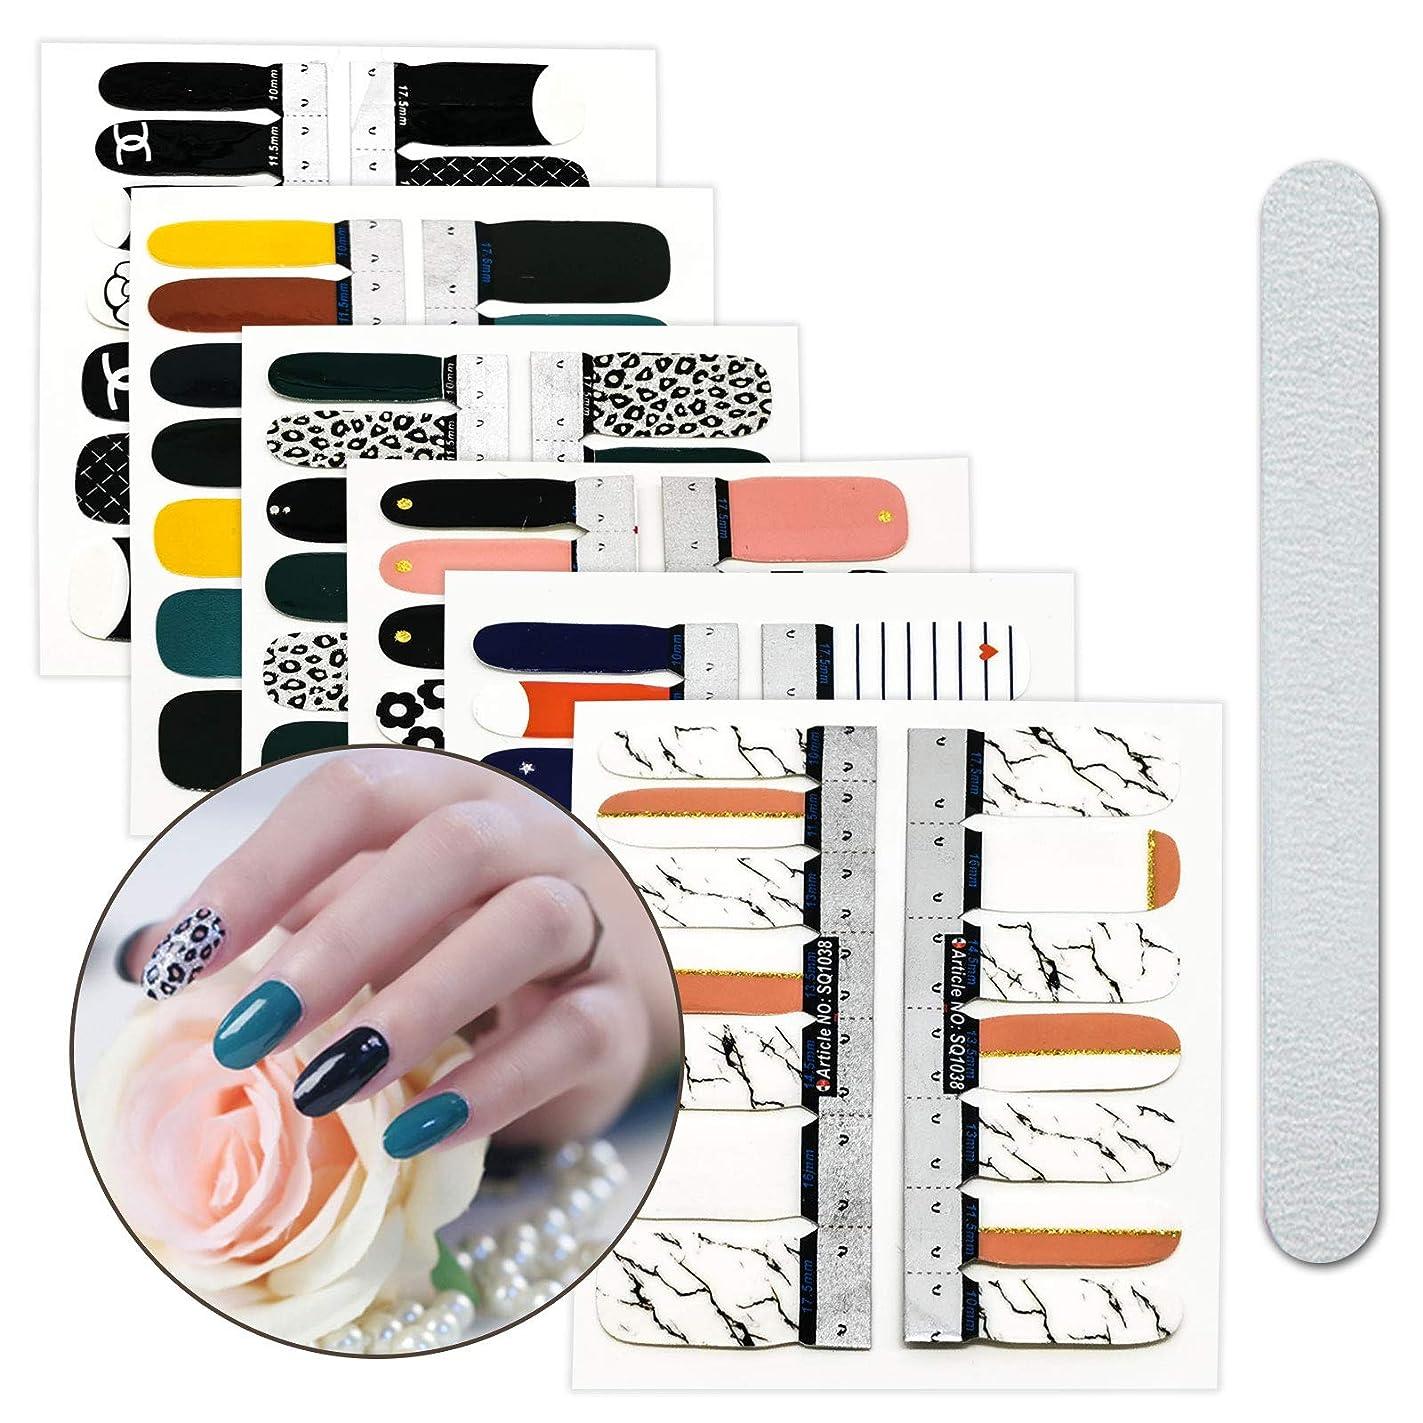 こんにちはパステル見分けるネイルステッカー 爪 貼るだけマニキュア ネイルアート ネイルラップ ネイルアクセサリー女性 レディースプレゼント ギフト 可愛い 人気 おしゃれな上級ネイルシール-6枚